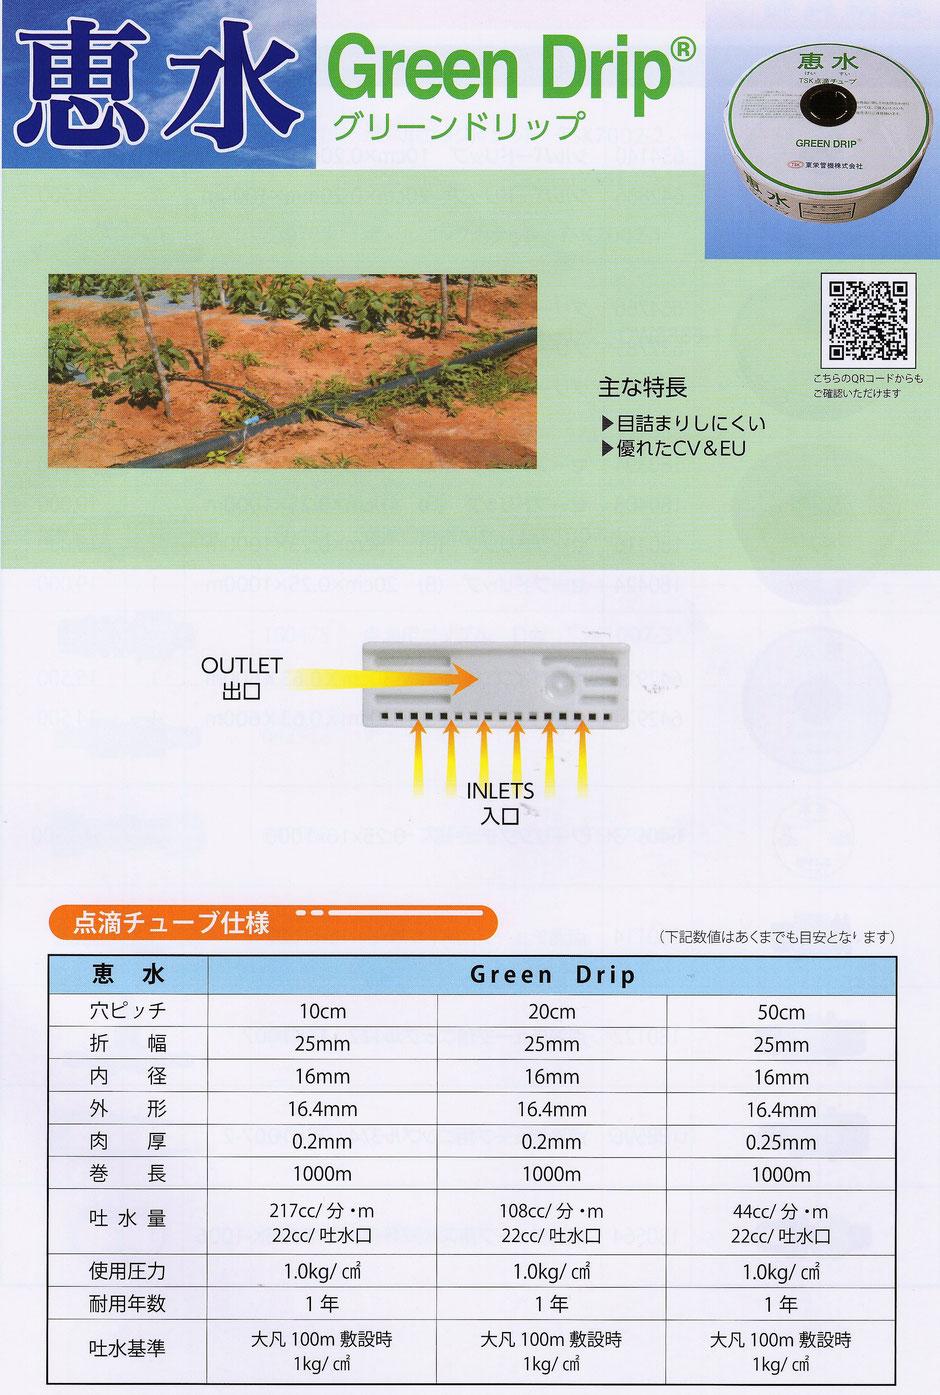 格安な灌漑用のチューブである、SilverDripの説明です。